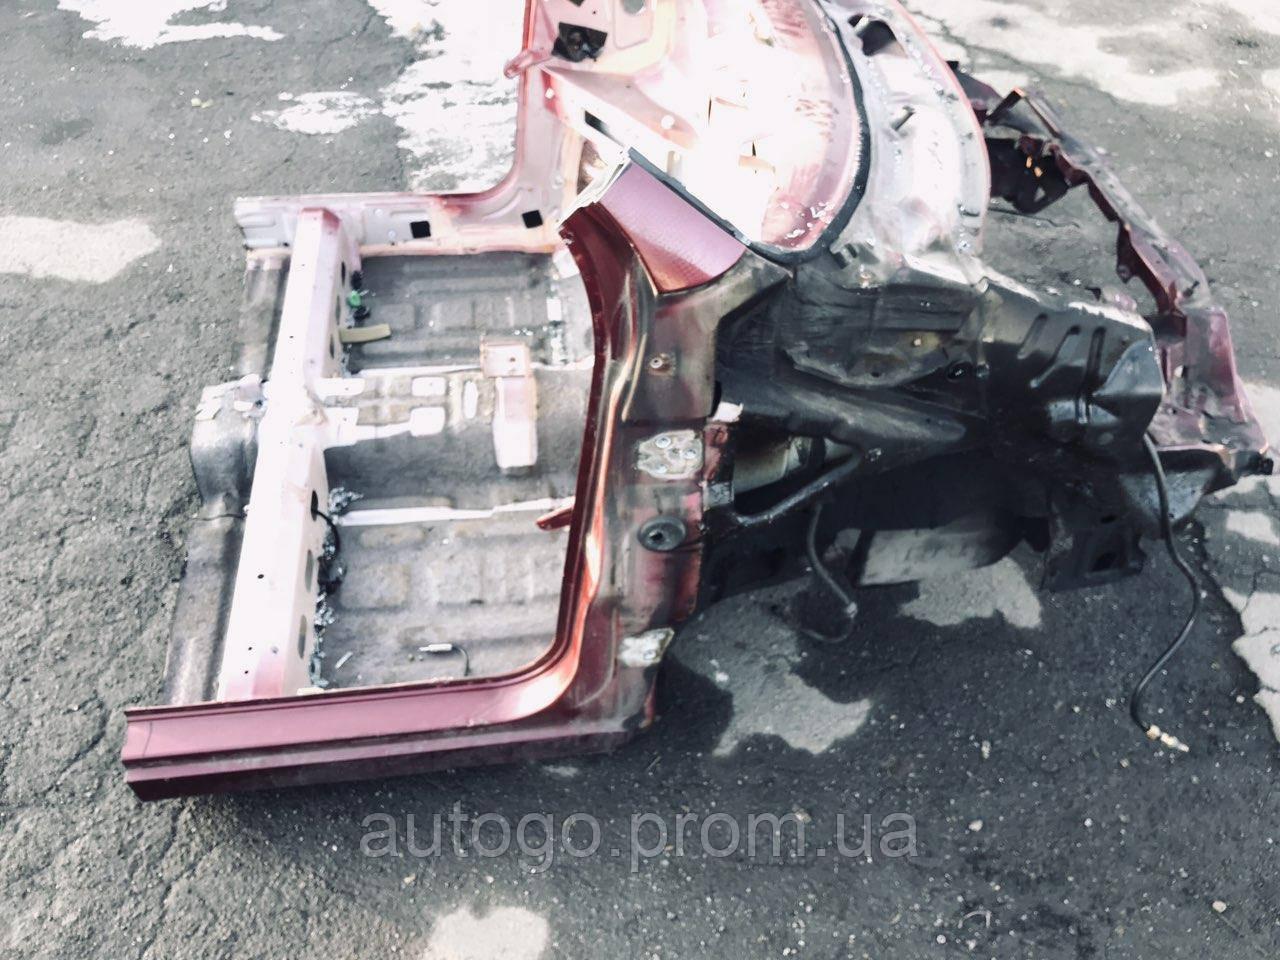 Передняя часть кузова Лонжерон Телевизор Daewoo Matiz 3